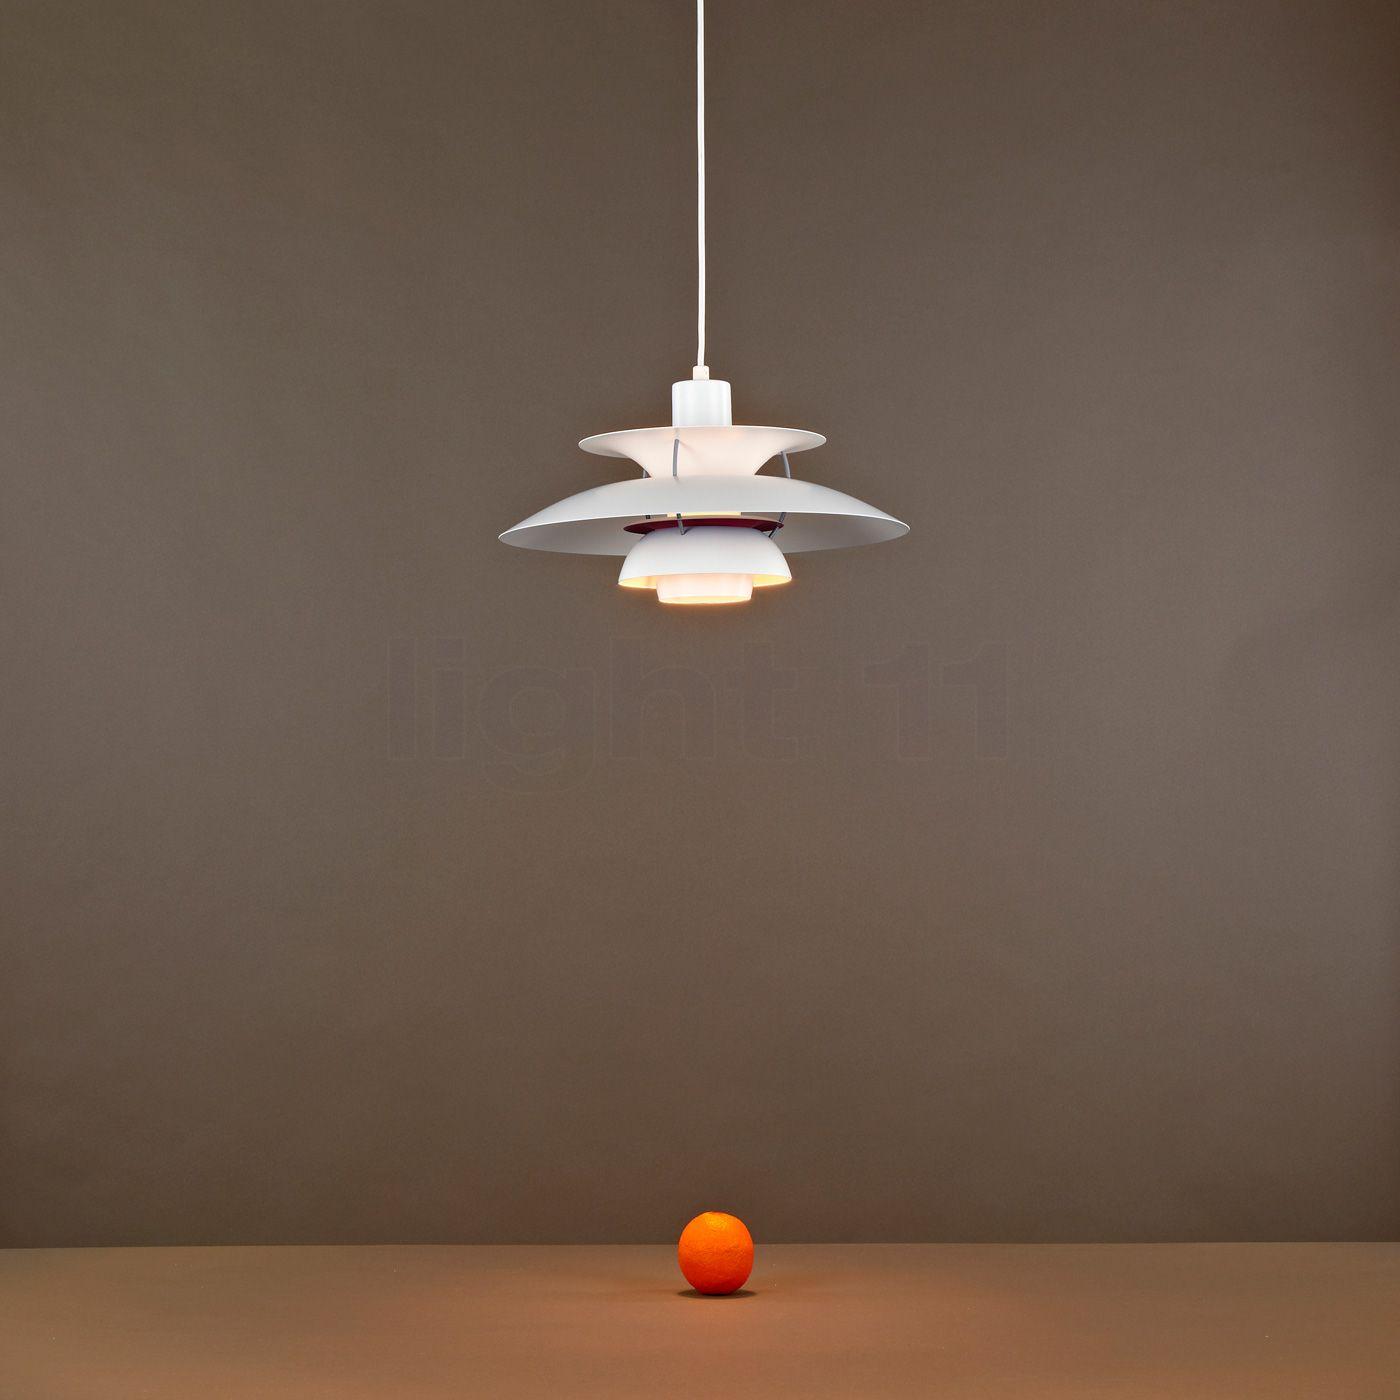 Louis Poulsen PH 50 pendant light Dining table lamps for Louis Poulsen Ph50  67qdu